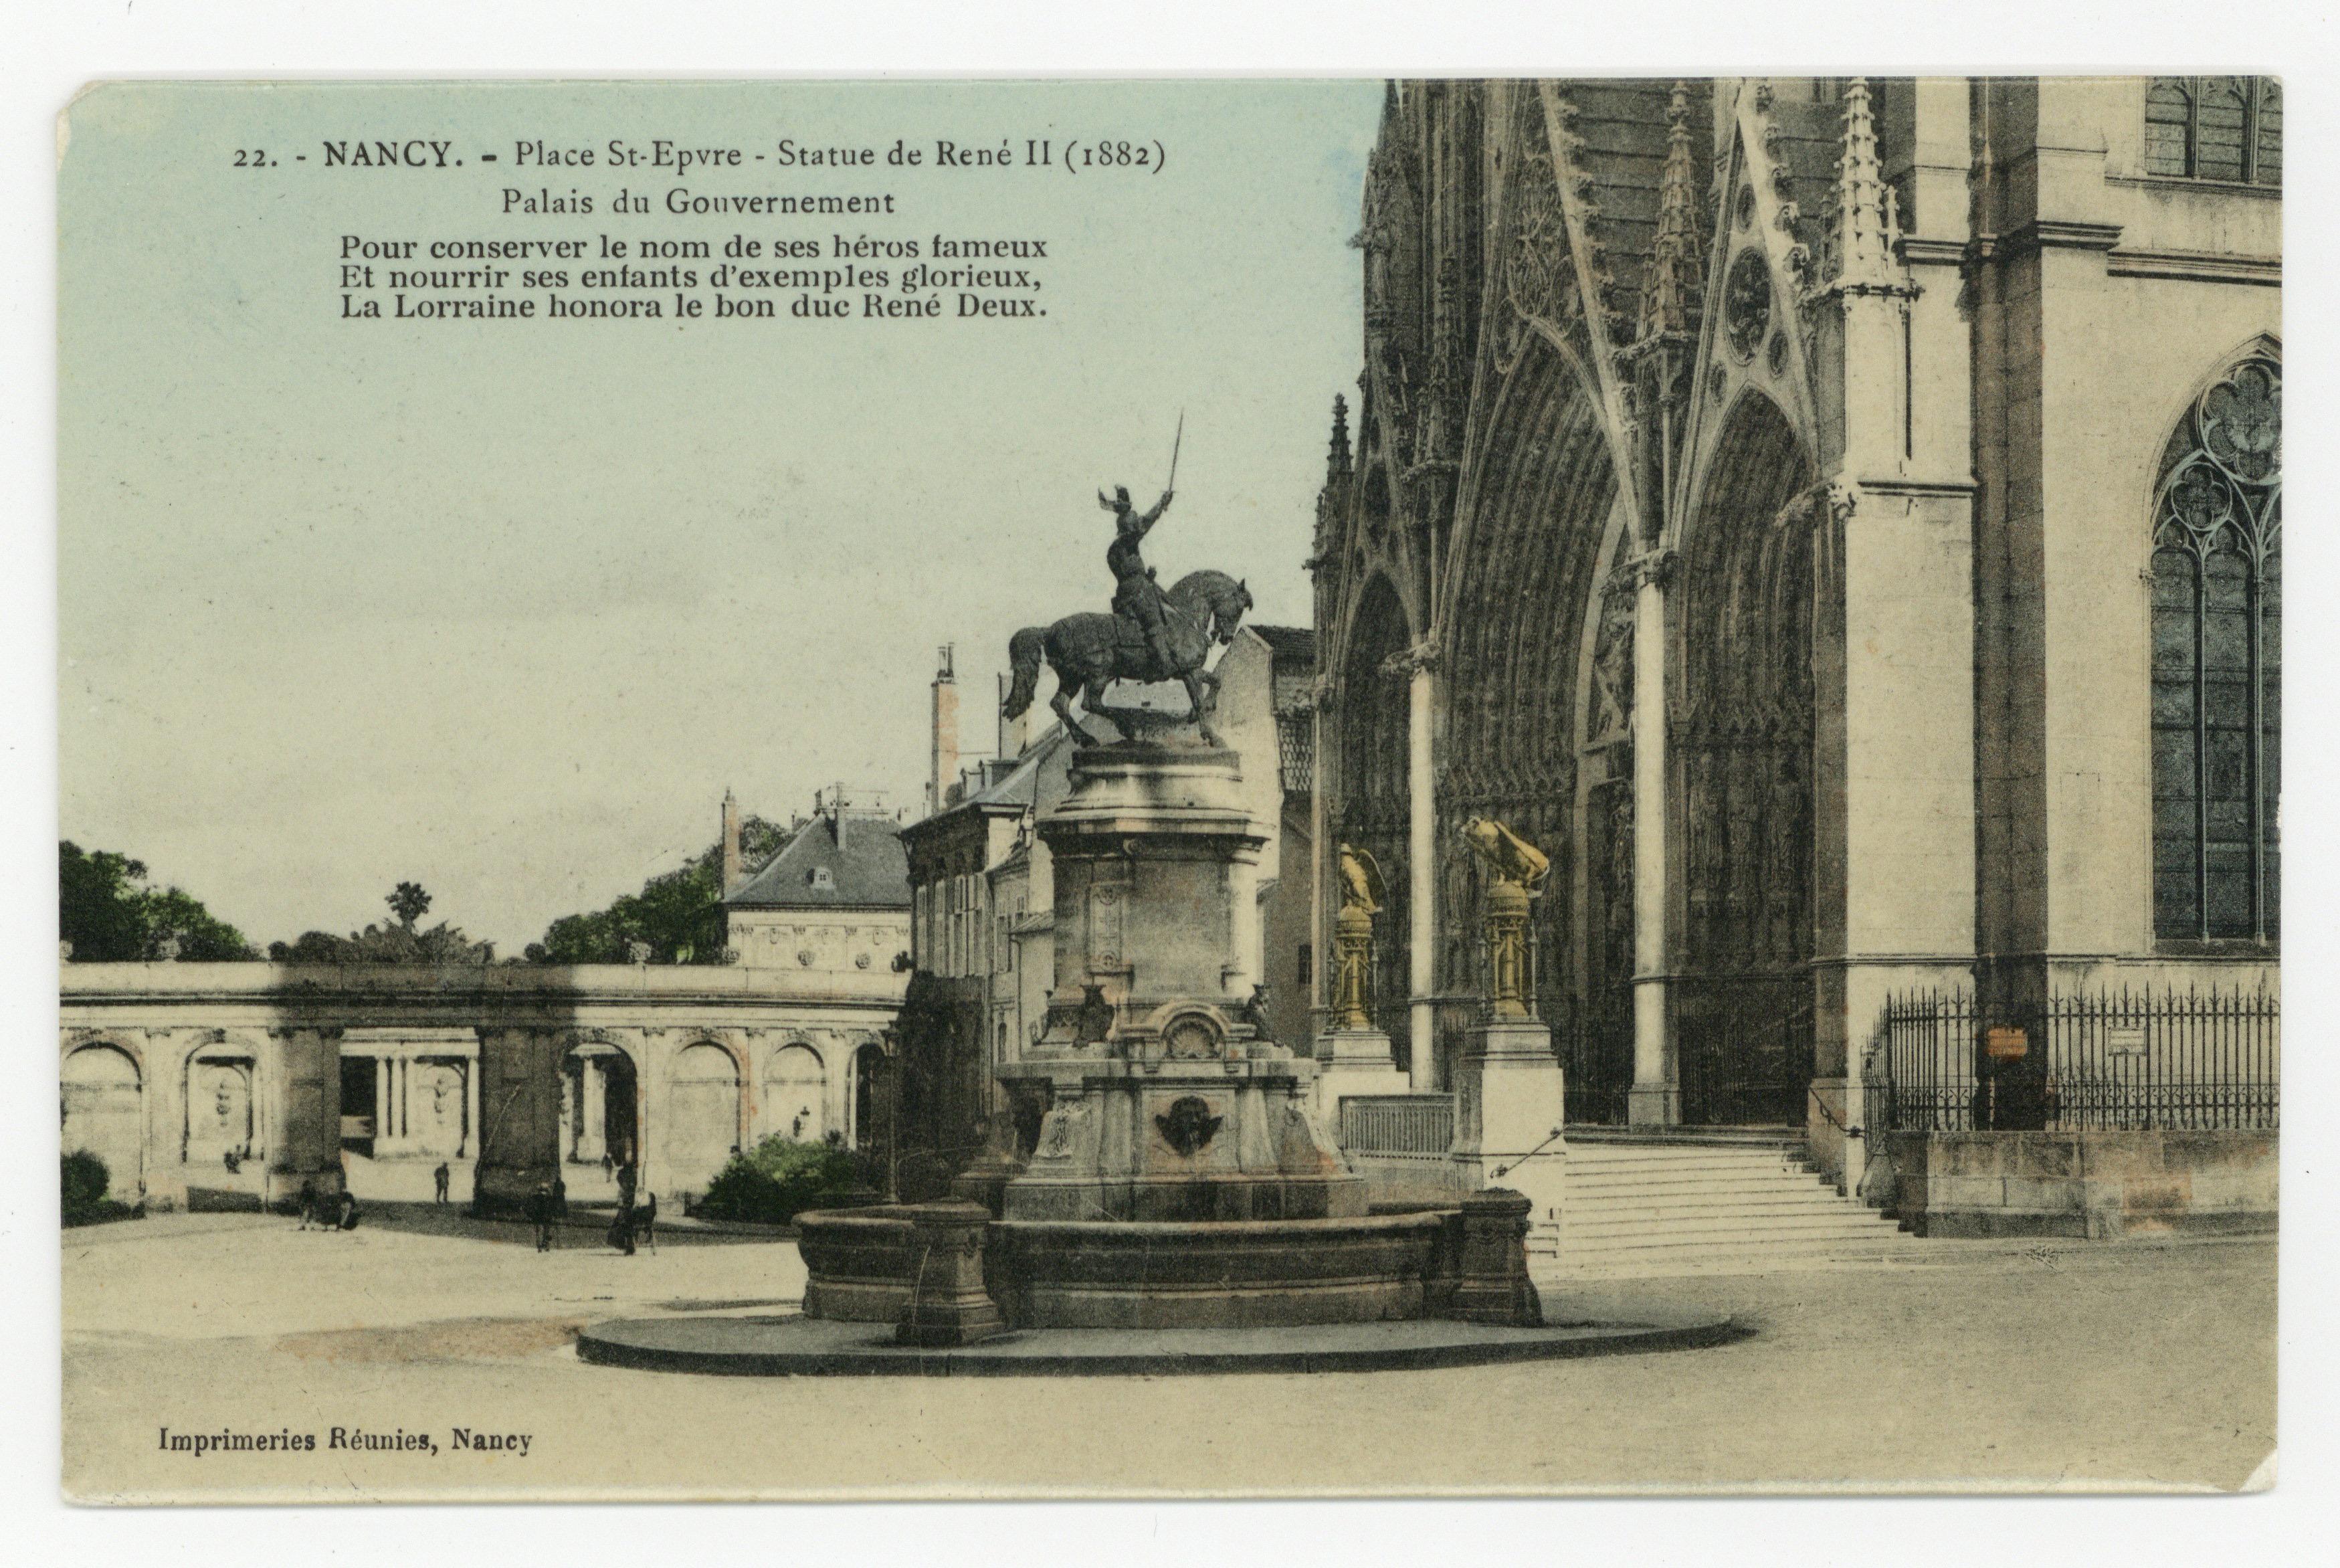 Contenu du Nancy : place St-Epvre, statue de René II (1882), palais du Gouvernement. Pour conserver le nom de ses héros fameux, et nourrir ses enfants d'exemples glorieux, la Lorraine honorera le bon duc René Deux